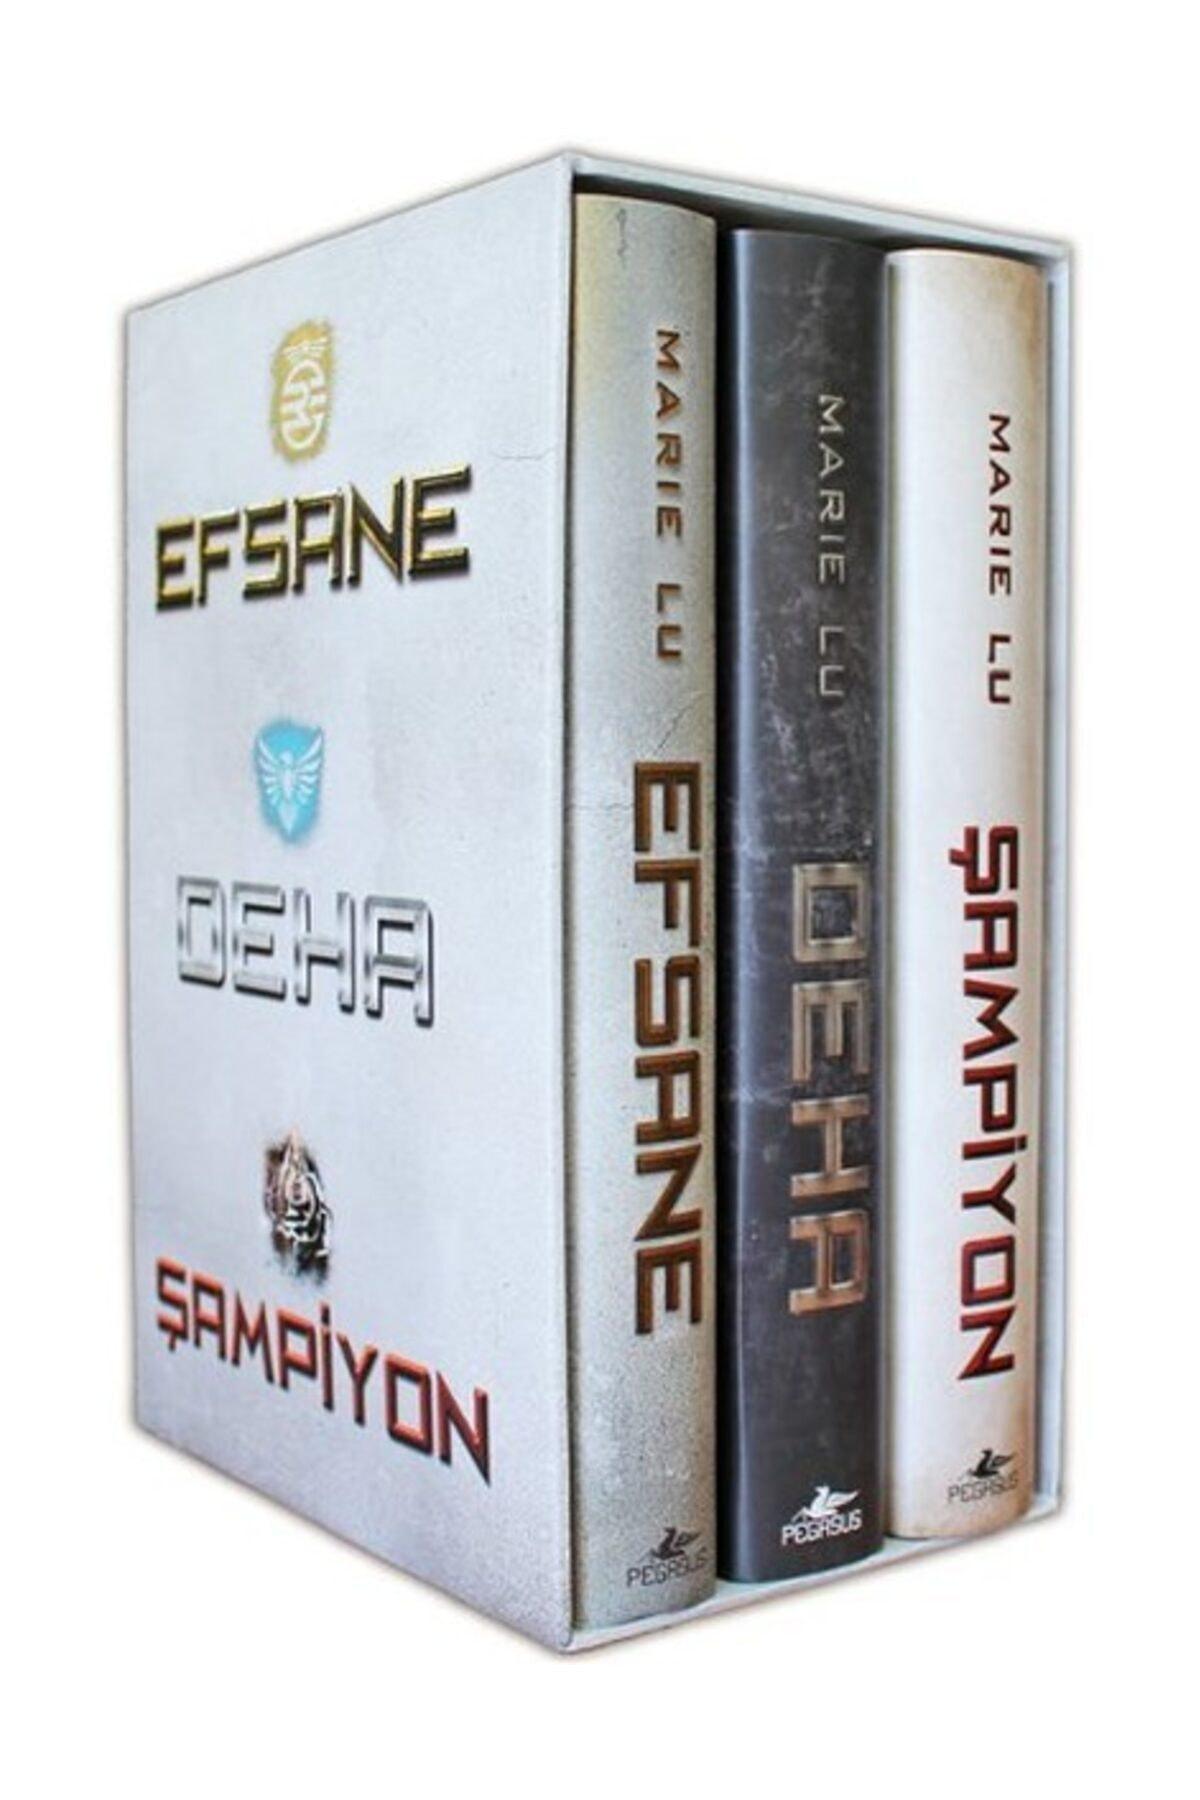 Pegasus Yayınları Efsane Serisi Kutulu Set (3 Kitap Ciltli) - Marie Lu 1